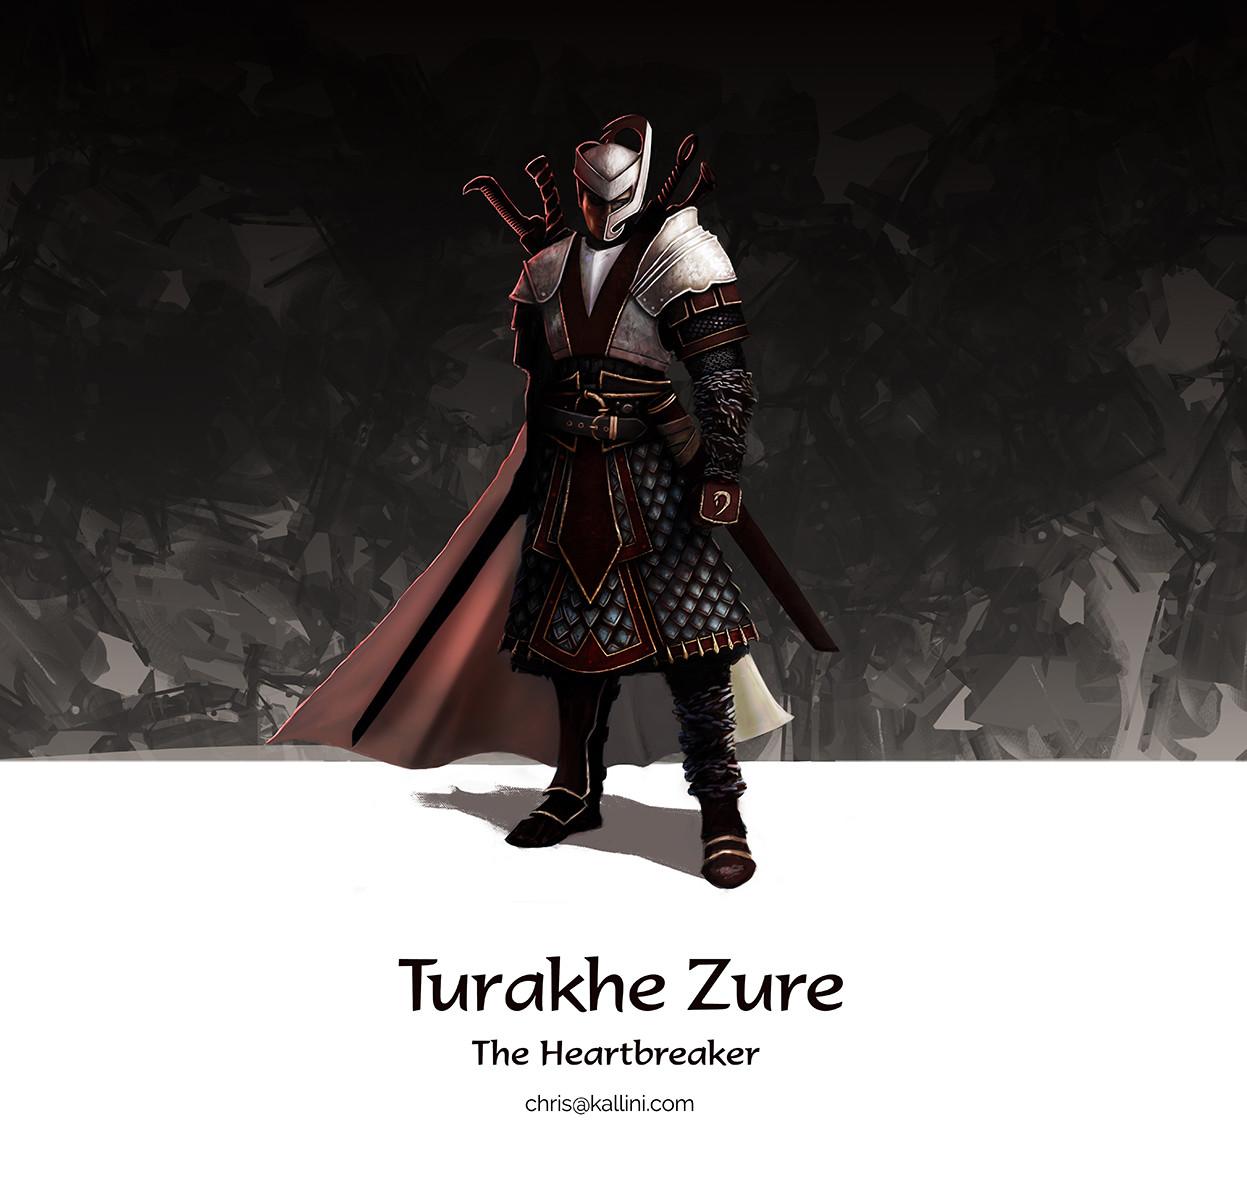 Turakhe Zure - The Heartbreaker